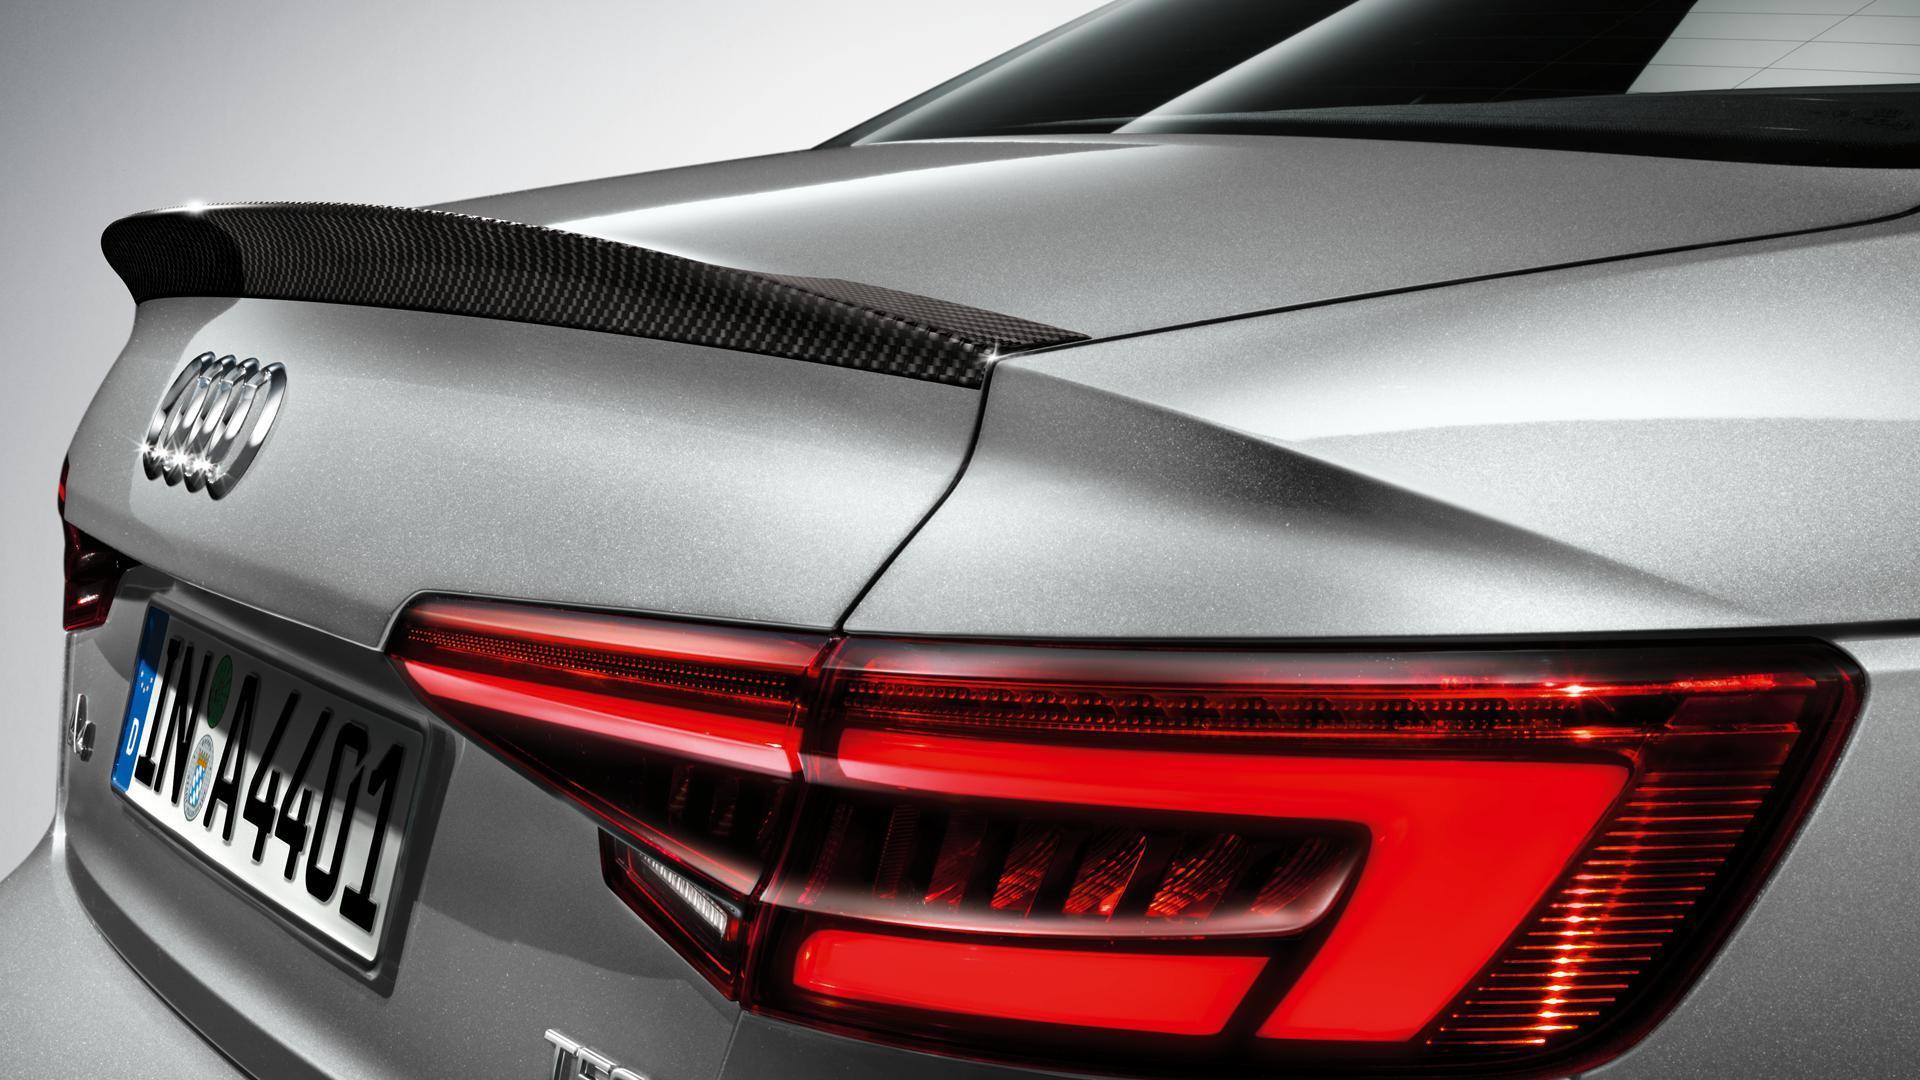 Shop Audi A4 Genuine Accessories